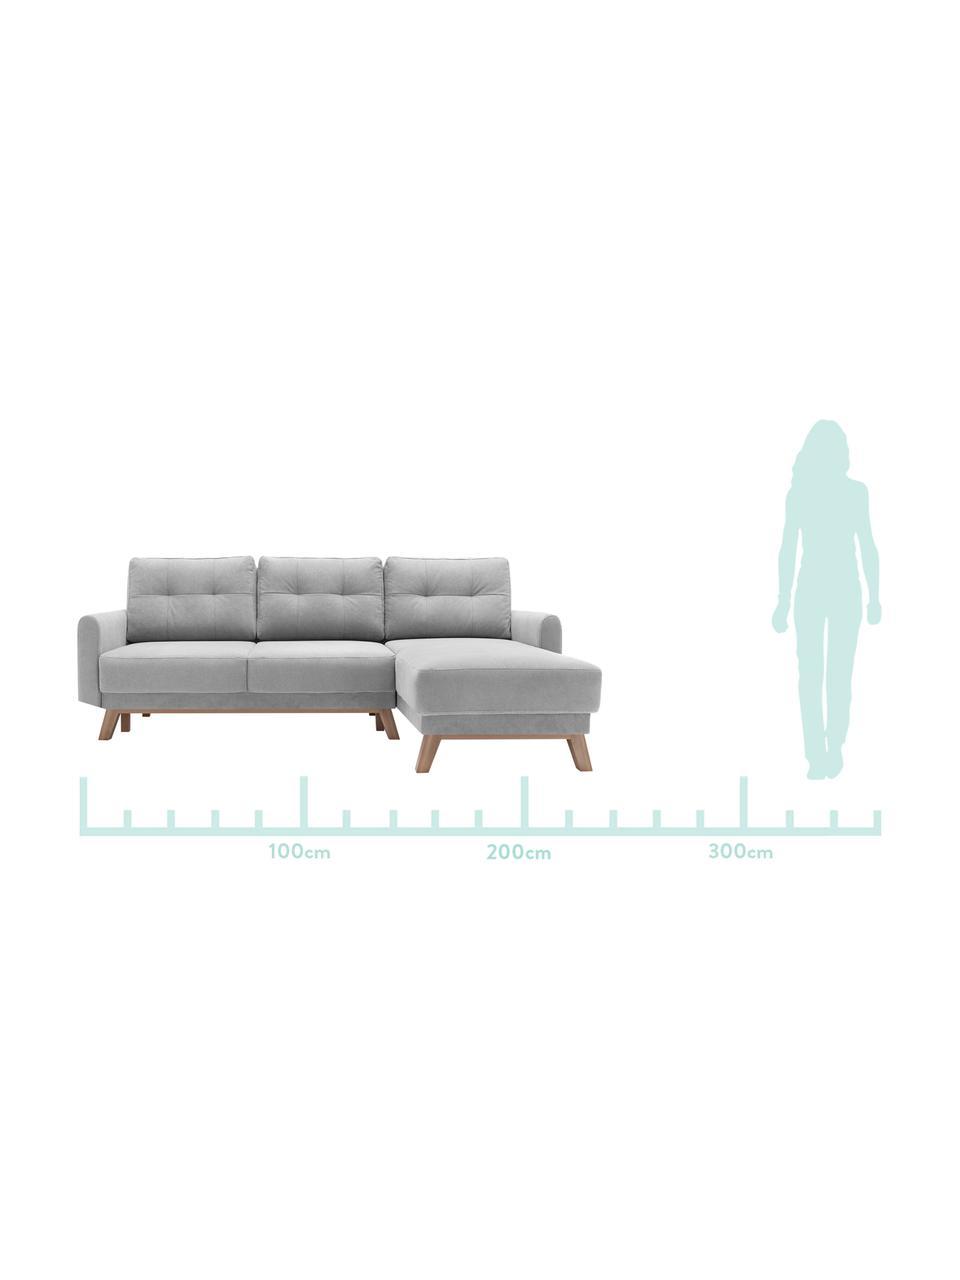 Lichtgrijze hoekbank Balio (4-zits) met opbergfunctie, Bekleding: 100% polyester fluweel, Frame: massief grenenhout, spaan, Poten: hout, Lichtgrijs, naturel, B 234 cm x D 164 cm